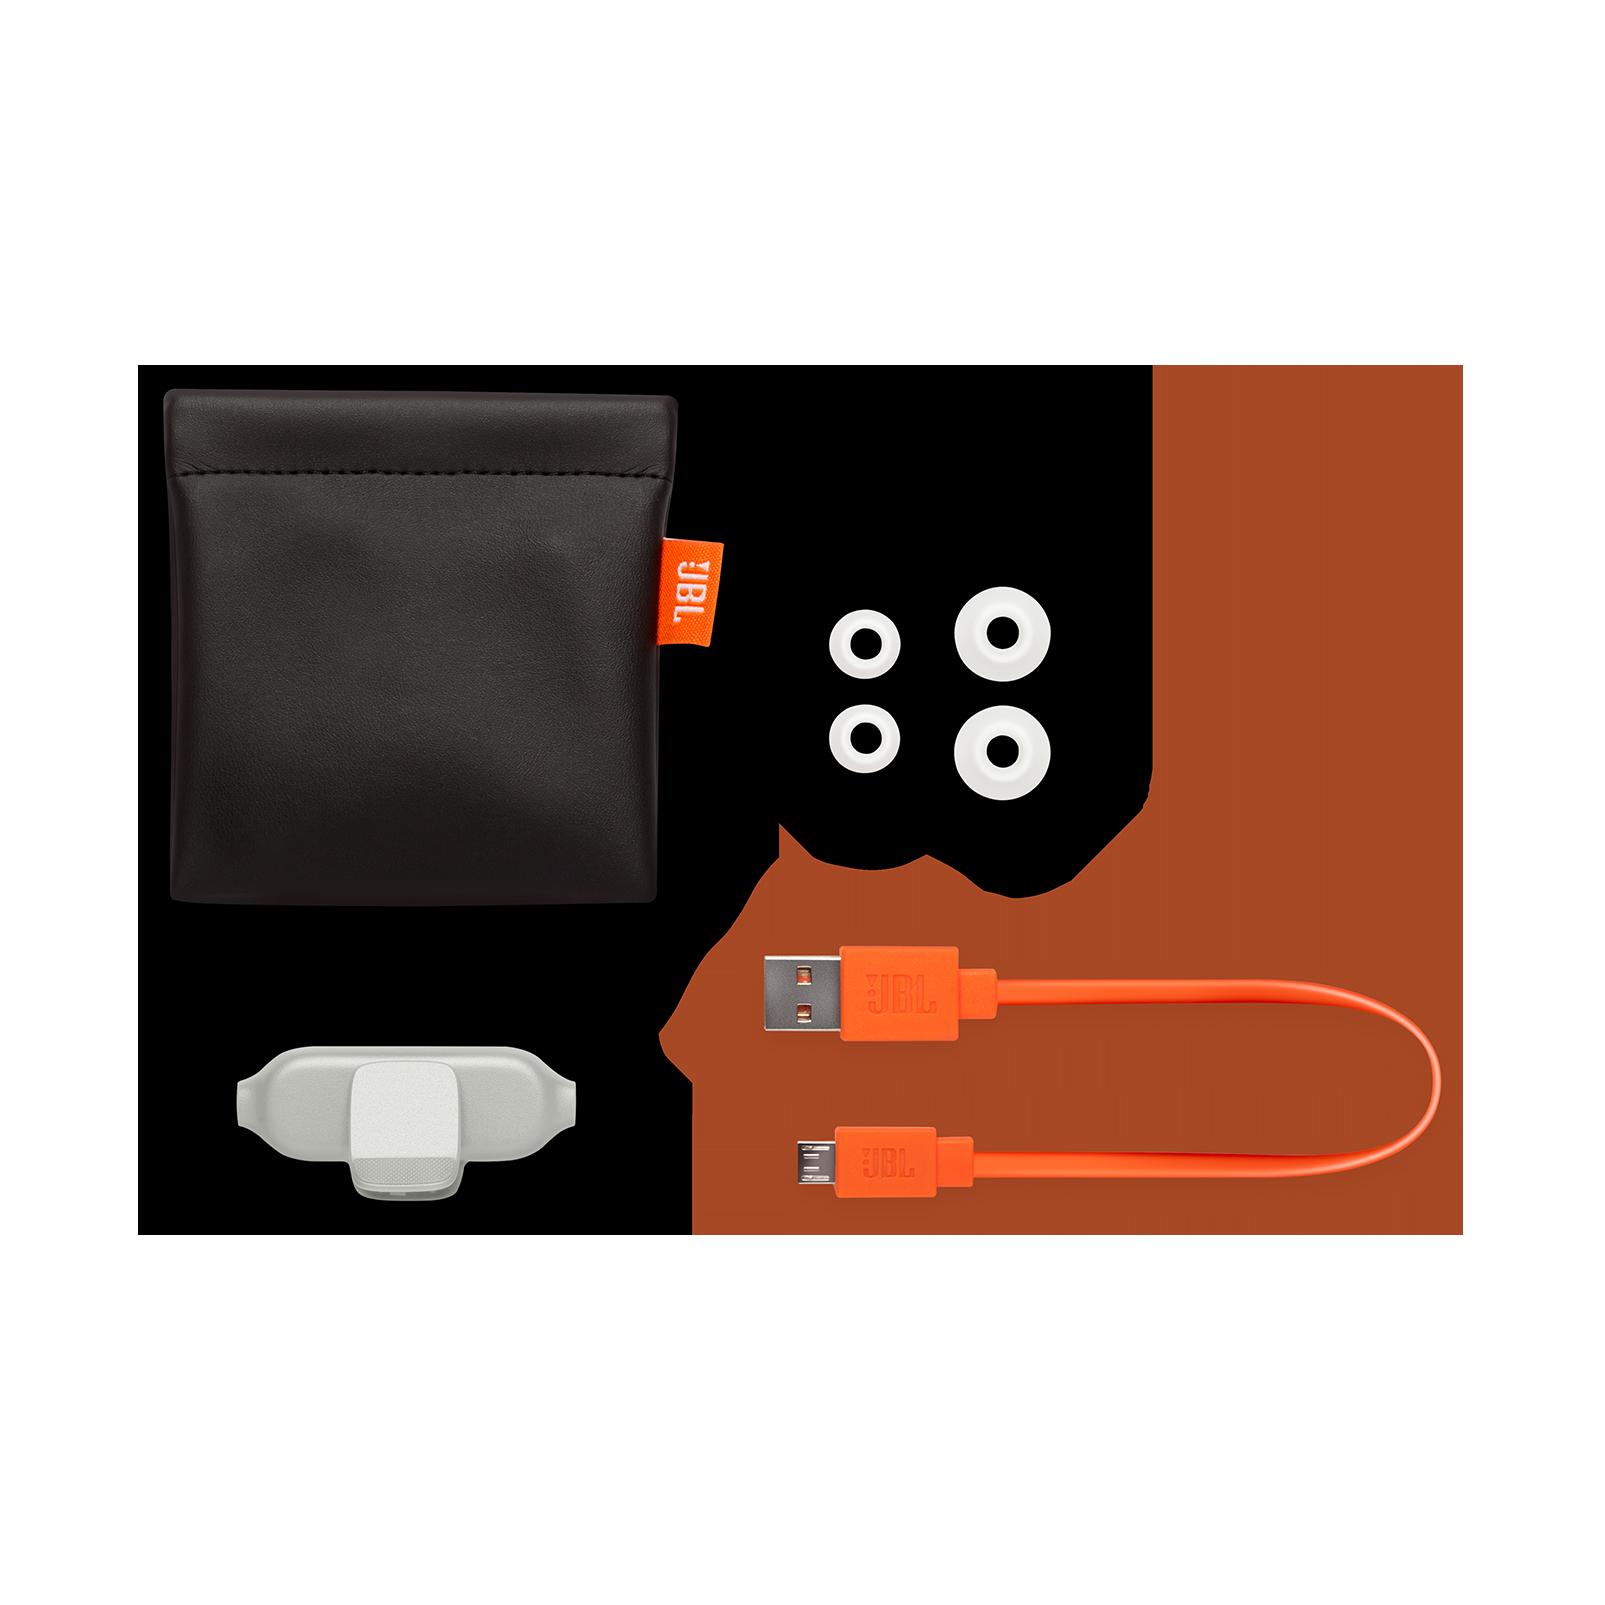 E25BT - White - Wireless in-ear headphones - Detailshot 4